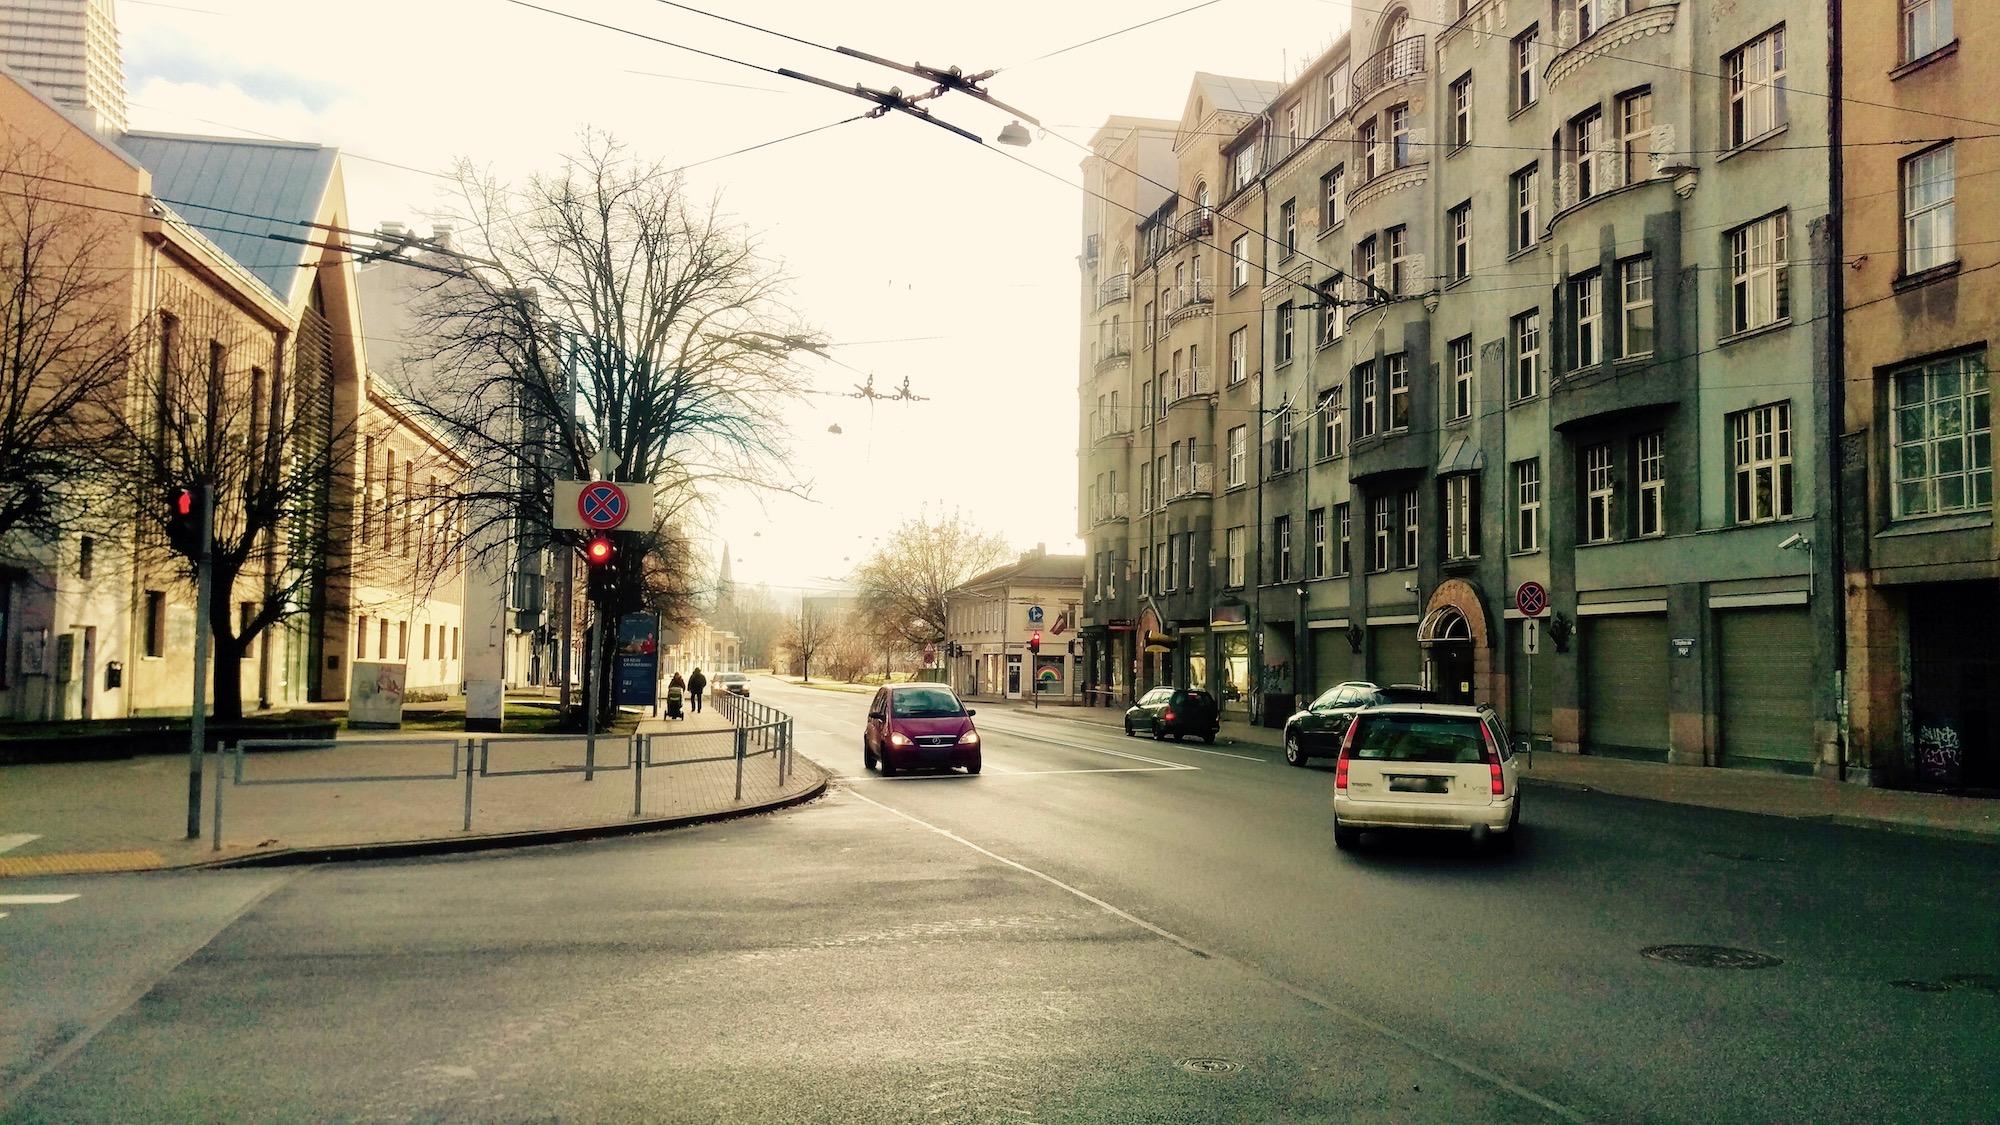 Crossing of Lācplēša and Avotu street